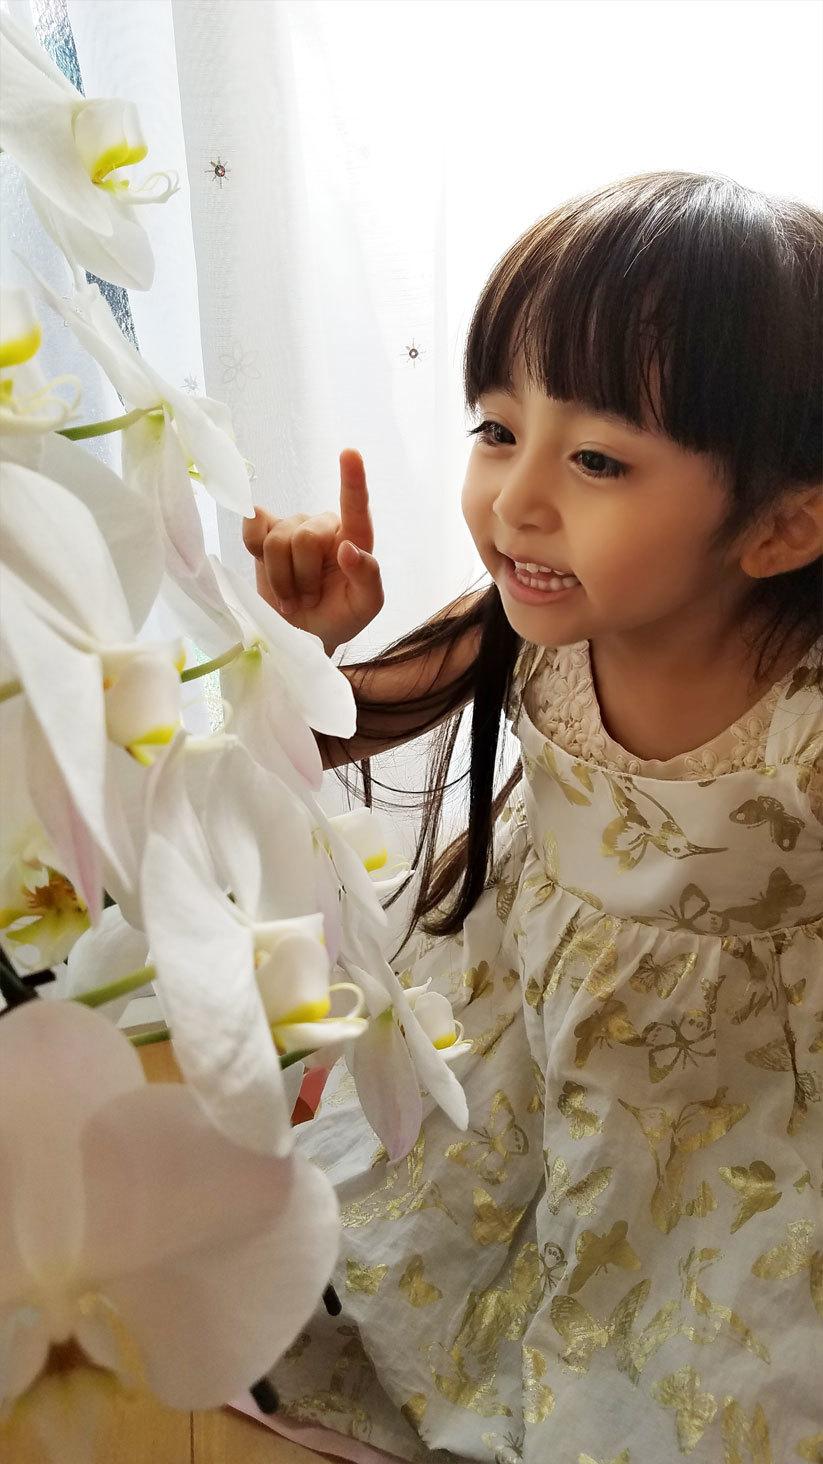 「お花さんおはよう。今日も、綺麗ね♡」算数や文字、そして色んなお勉強。_d0224894_11315276.jpg